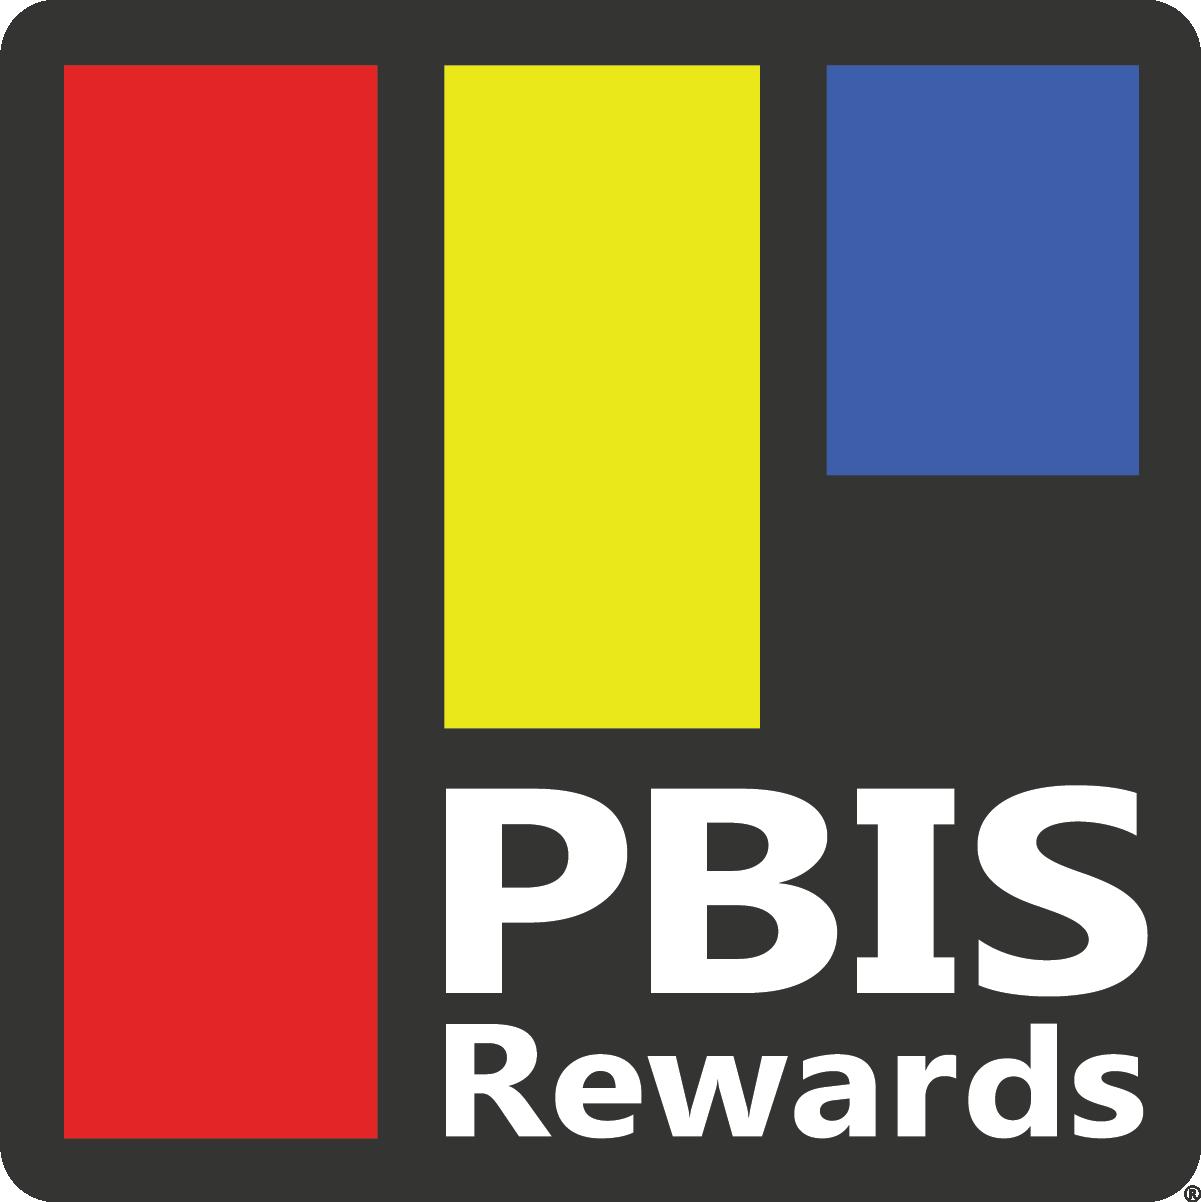 icon displaying PBIS Rewards